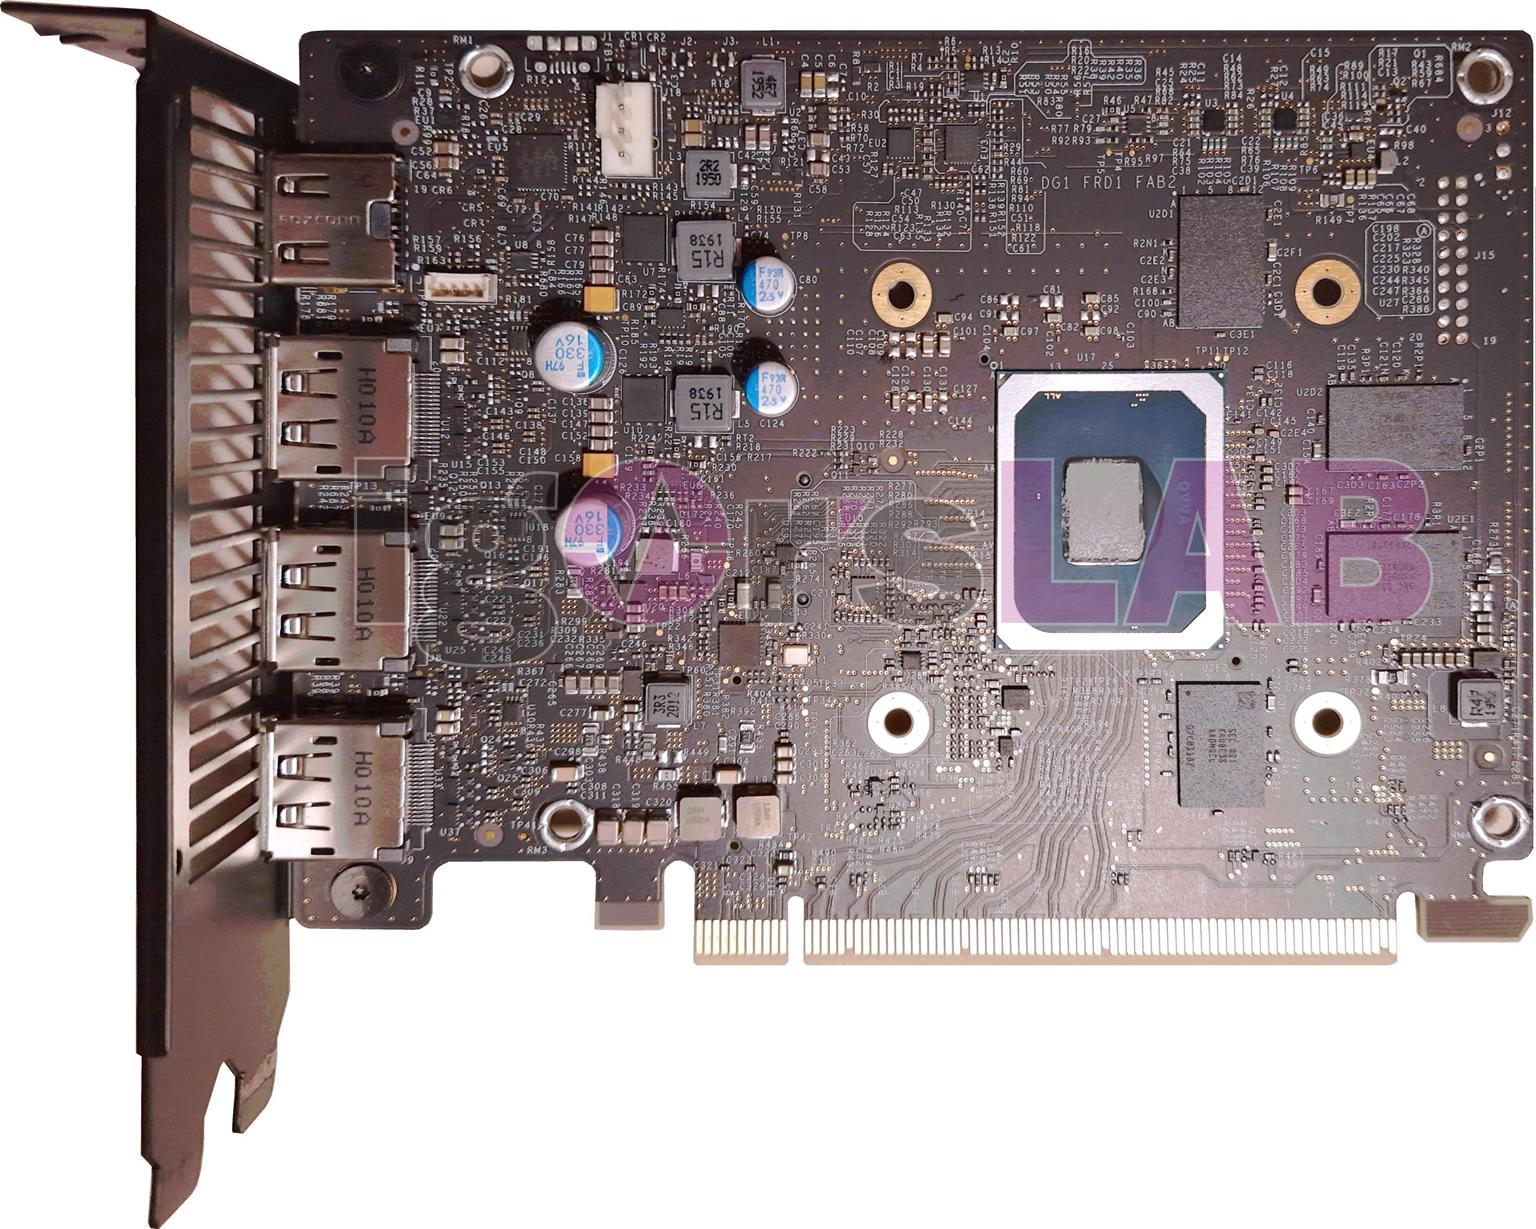 PCB Intel DG1 SDV 1